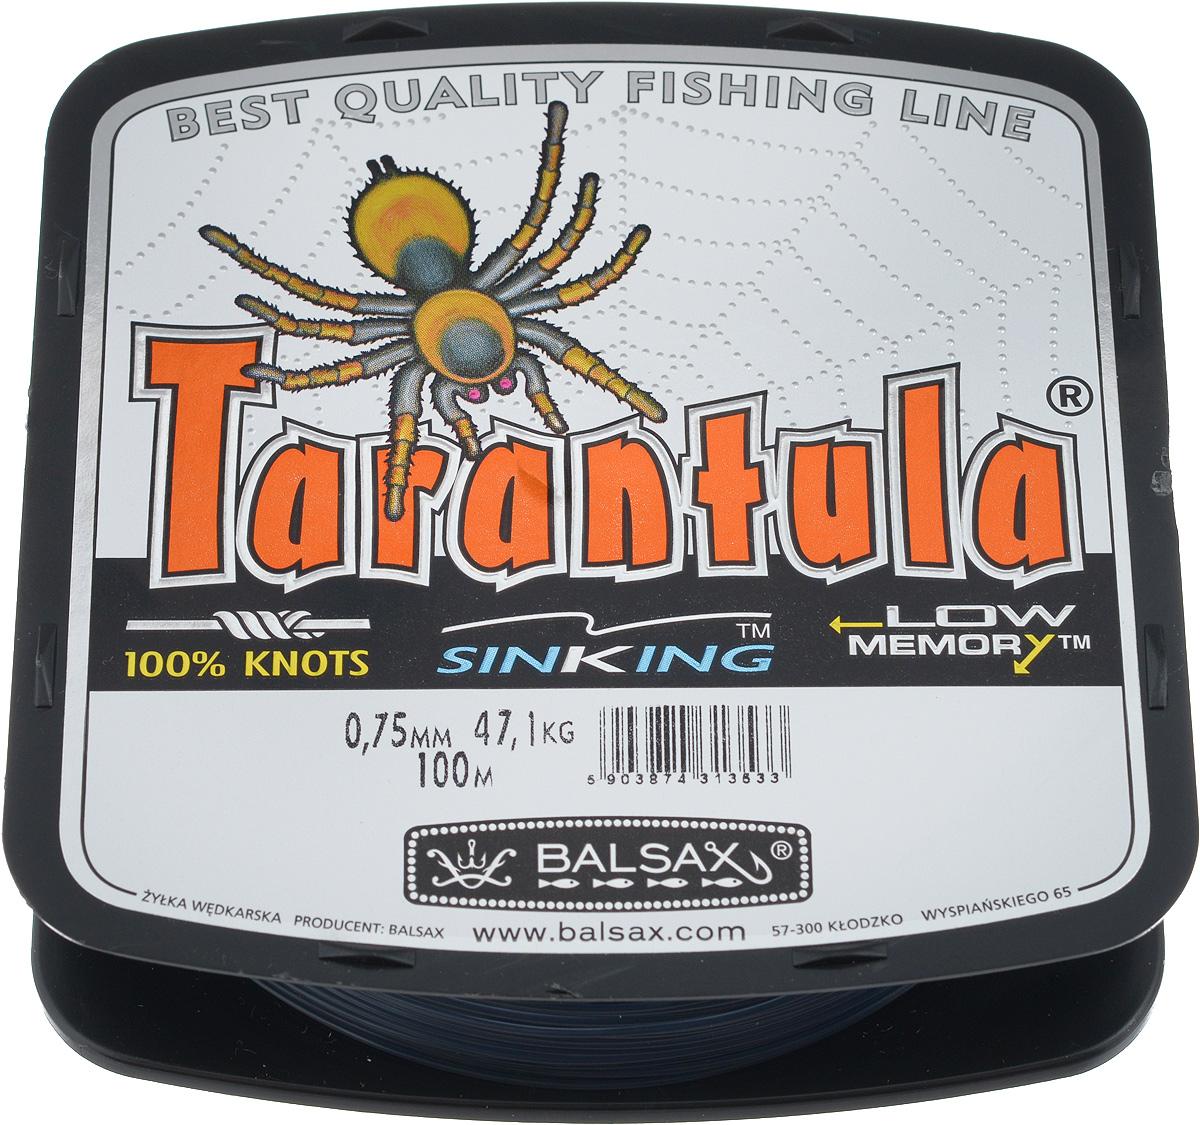 Леска Balsax Tarantula, 100 м, 0,75 мм, 47,1 кг010-01199-23Леска Balsax Tarantula выполнена из нейлоновой мононити. Новая молекулярная структура лески отличается повышенной сопротивляемостью к разрыву, но при этом она способна и растягиваться. Растяжимость в случае применения этой лески является отличным достоинством, особенно во время энергичной борьбы с рыбой, как амортизатор защищая оснастку от обрыва.